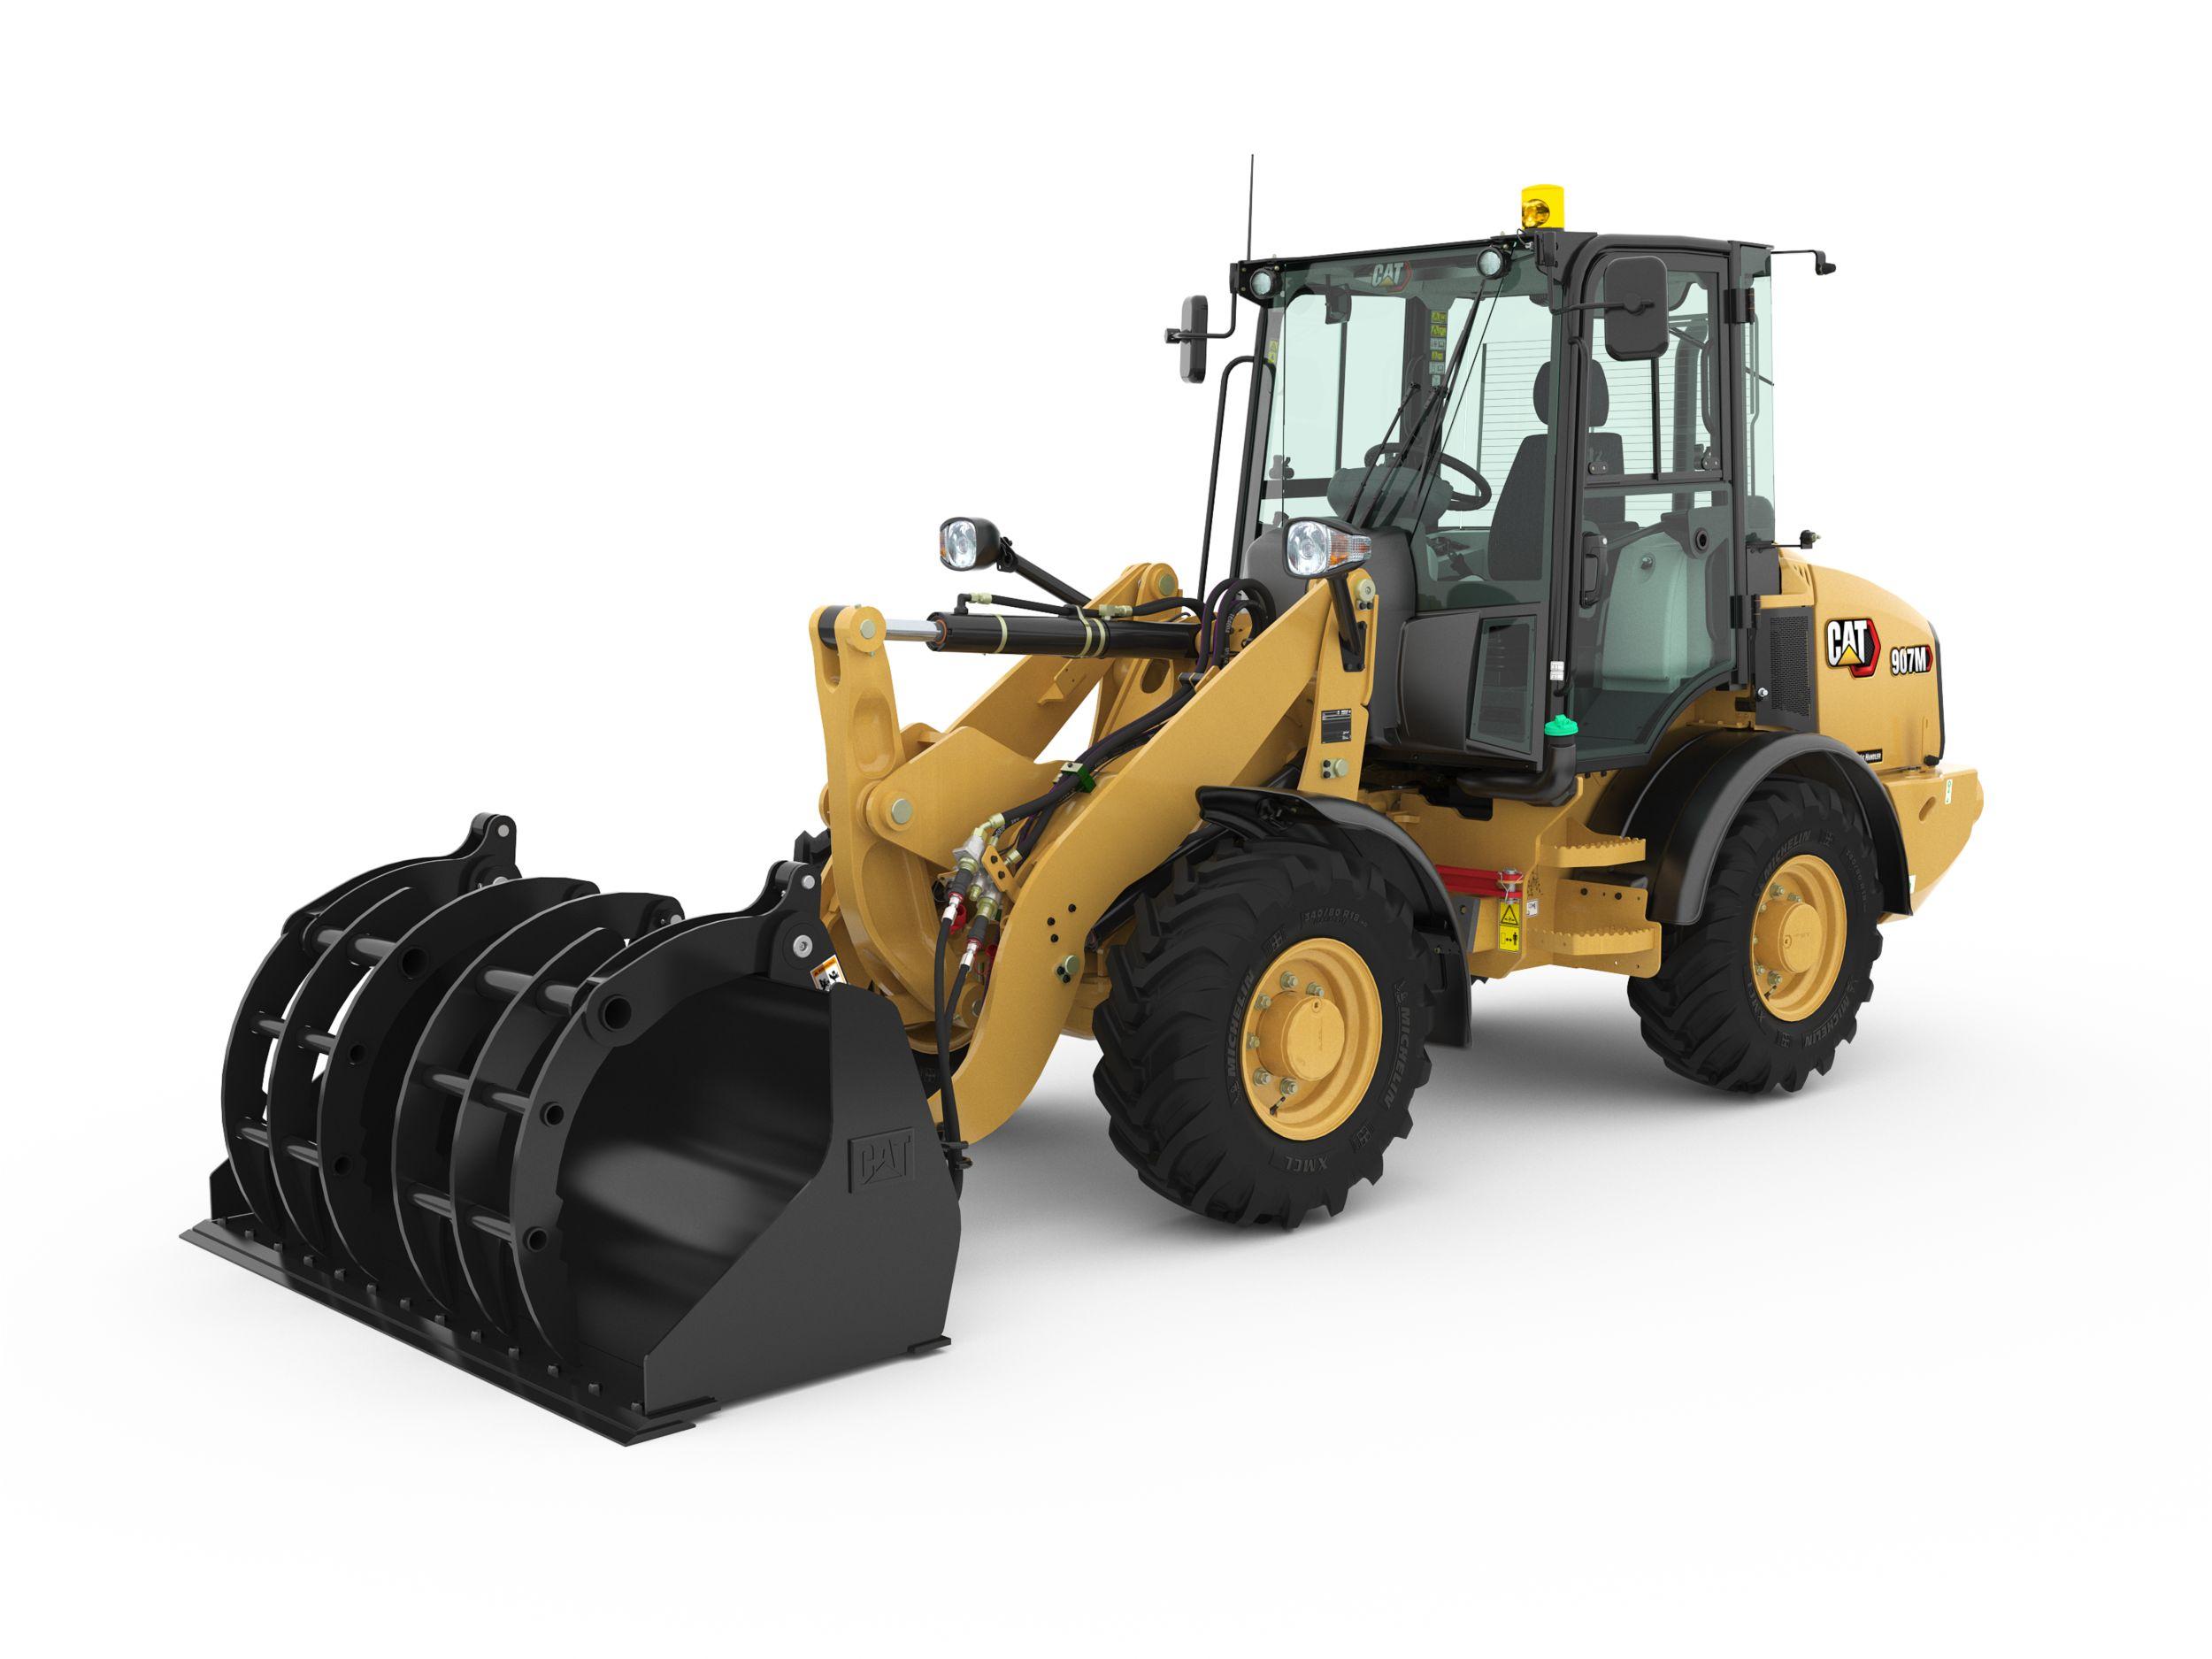 907M Ag Handler - Agricultural Arrangement